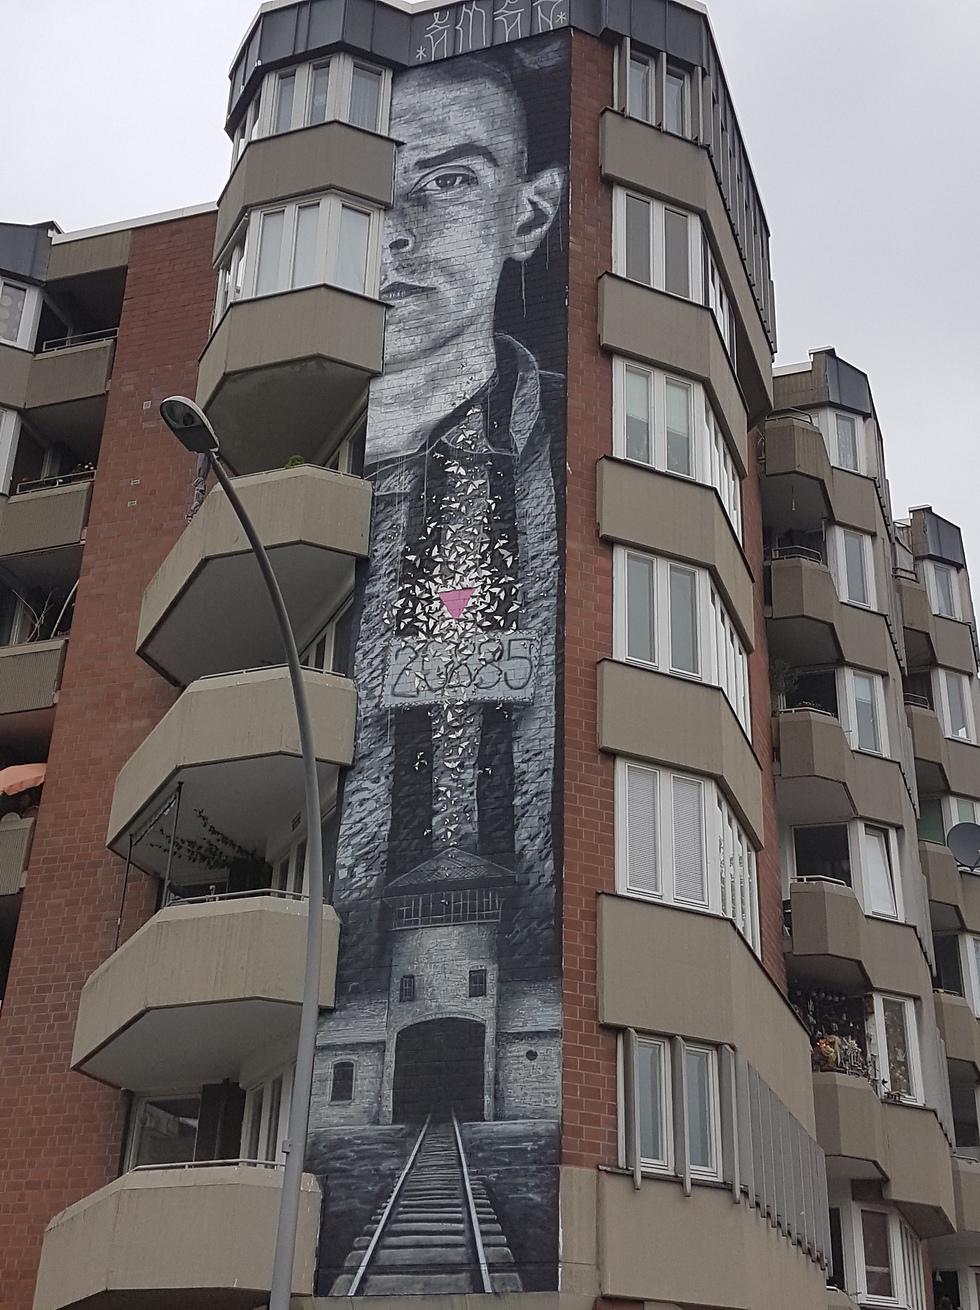 הנצחת השואה בברלין (צילום: שימרי טוריס)